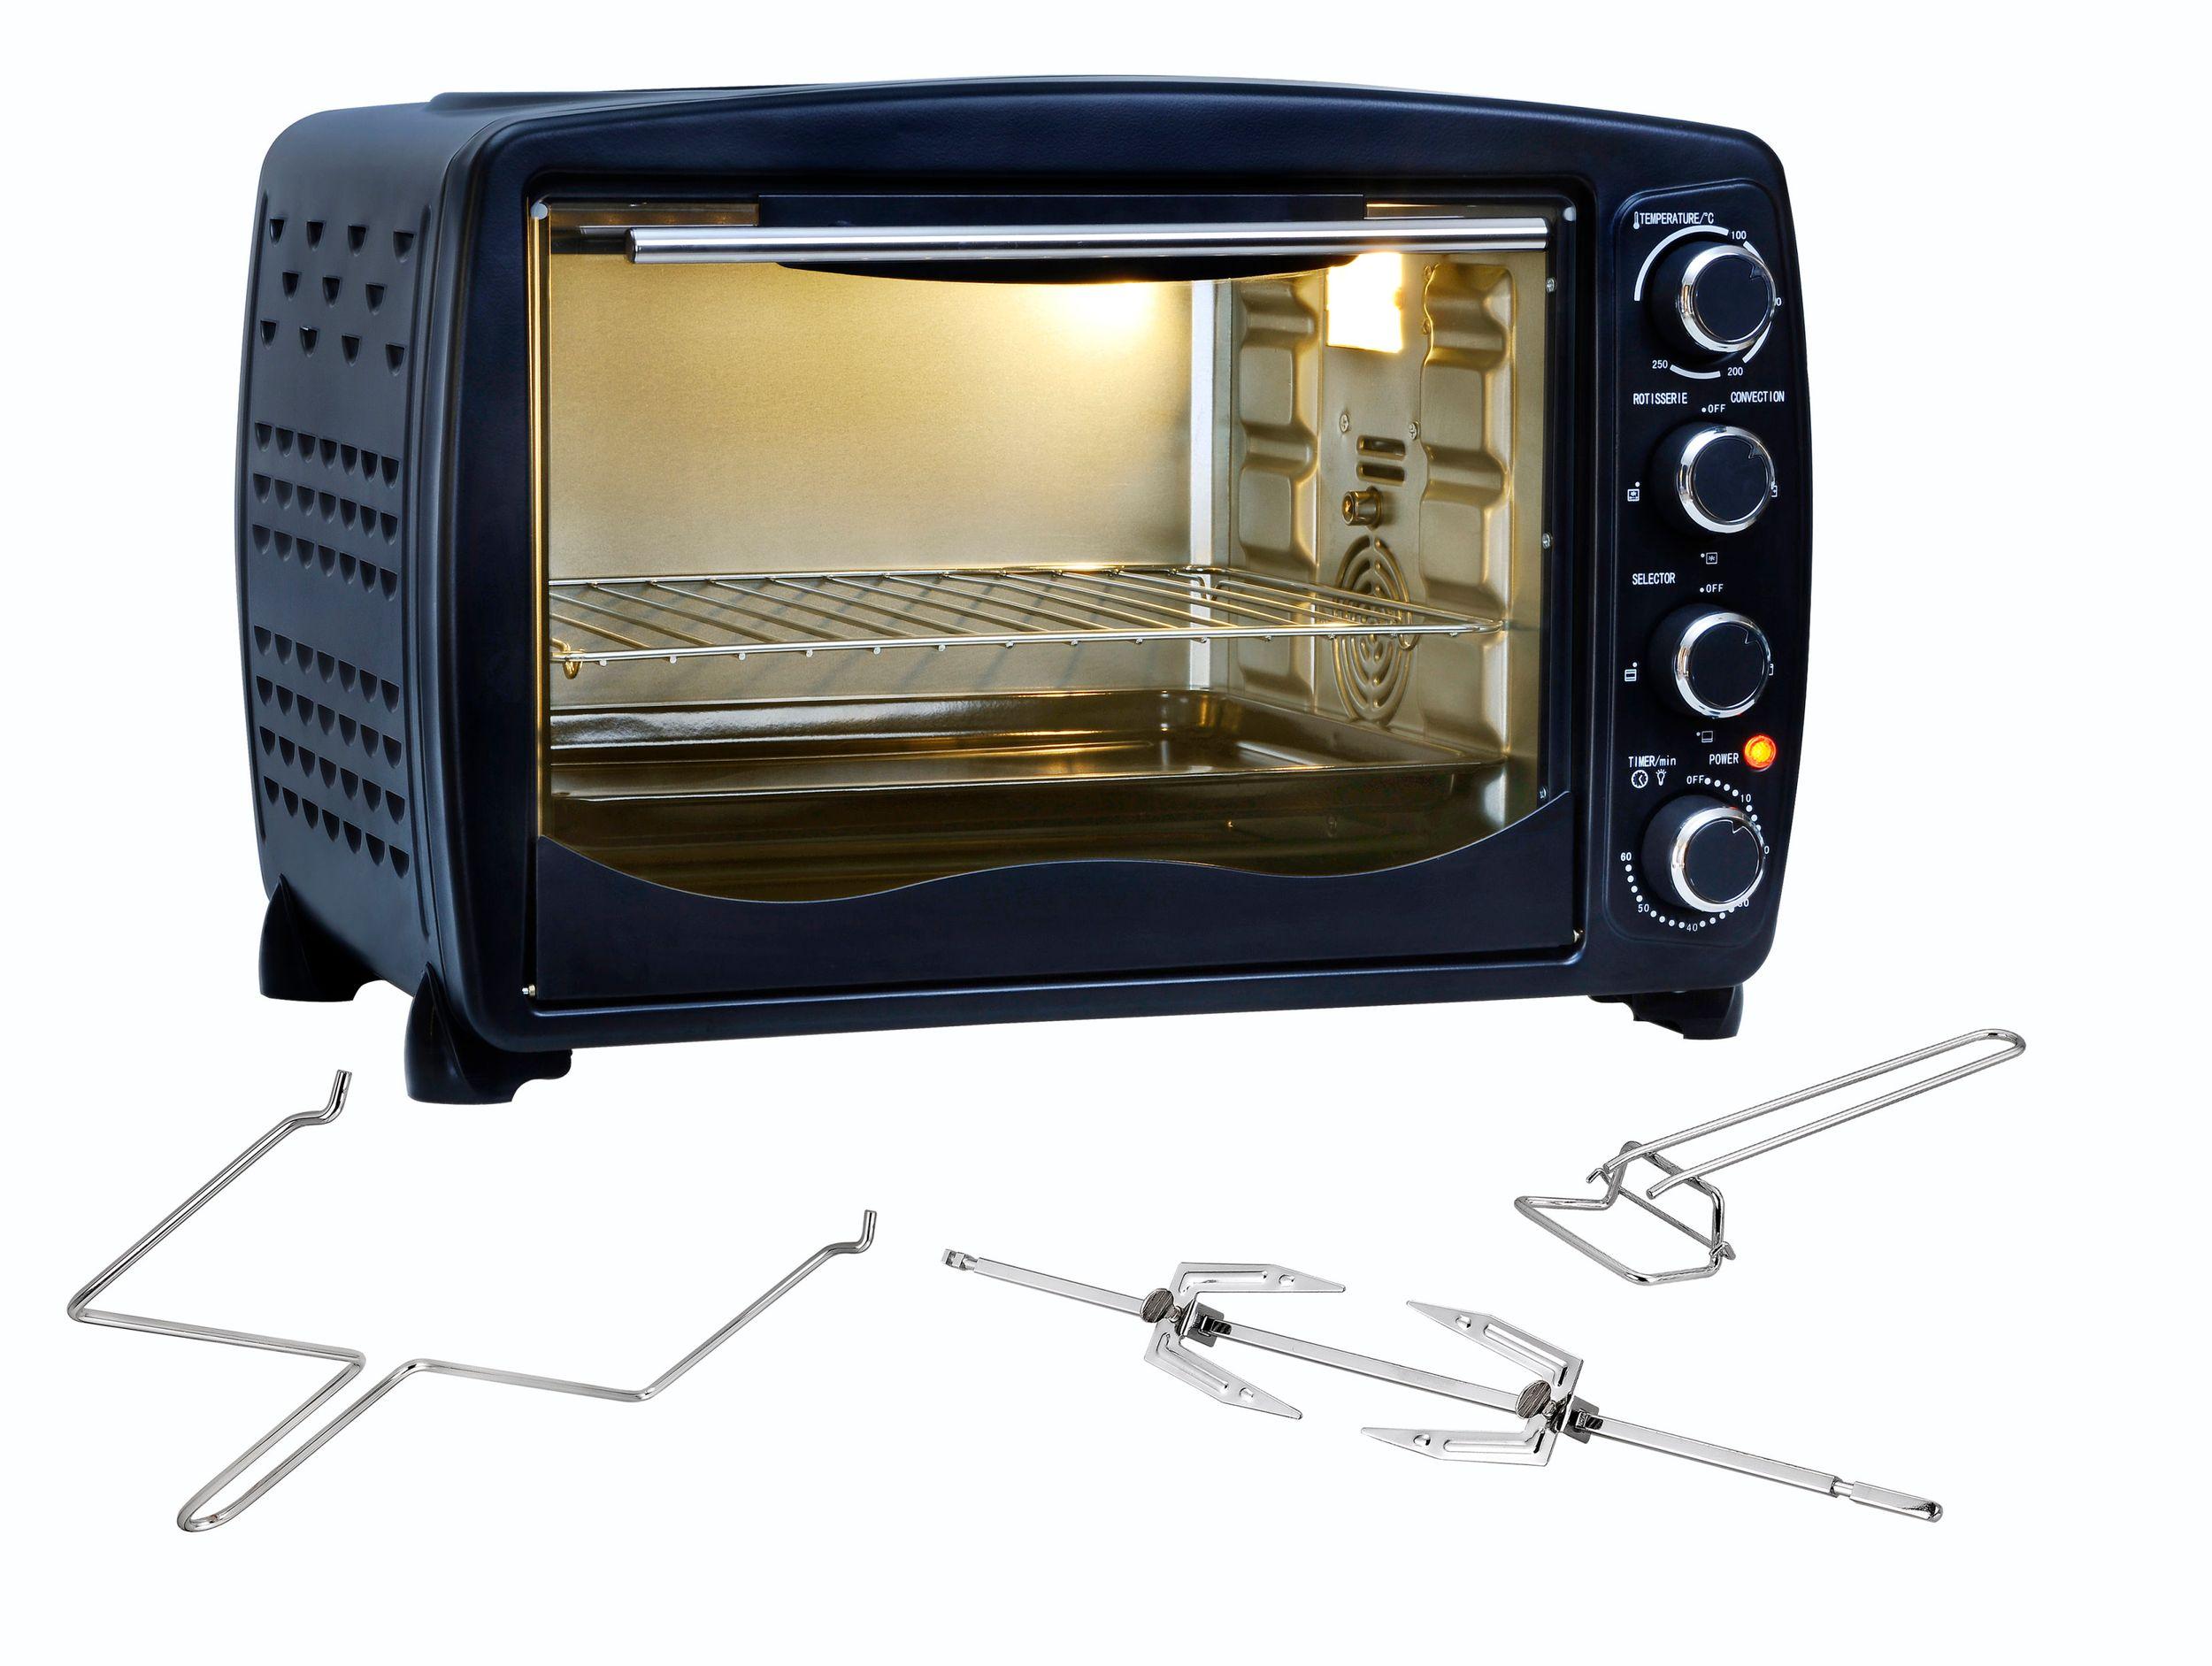 Multiofen 40L Drehspieß Grillfunktion Umluft Beleuchtung Thermostat bis 250°C schwarz NEU*74786 Bild 2